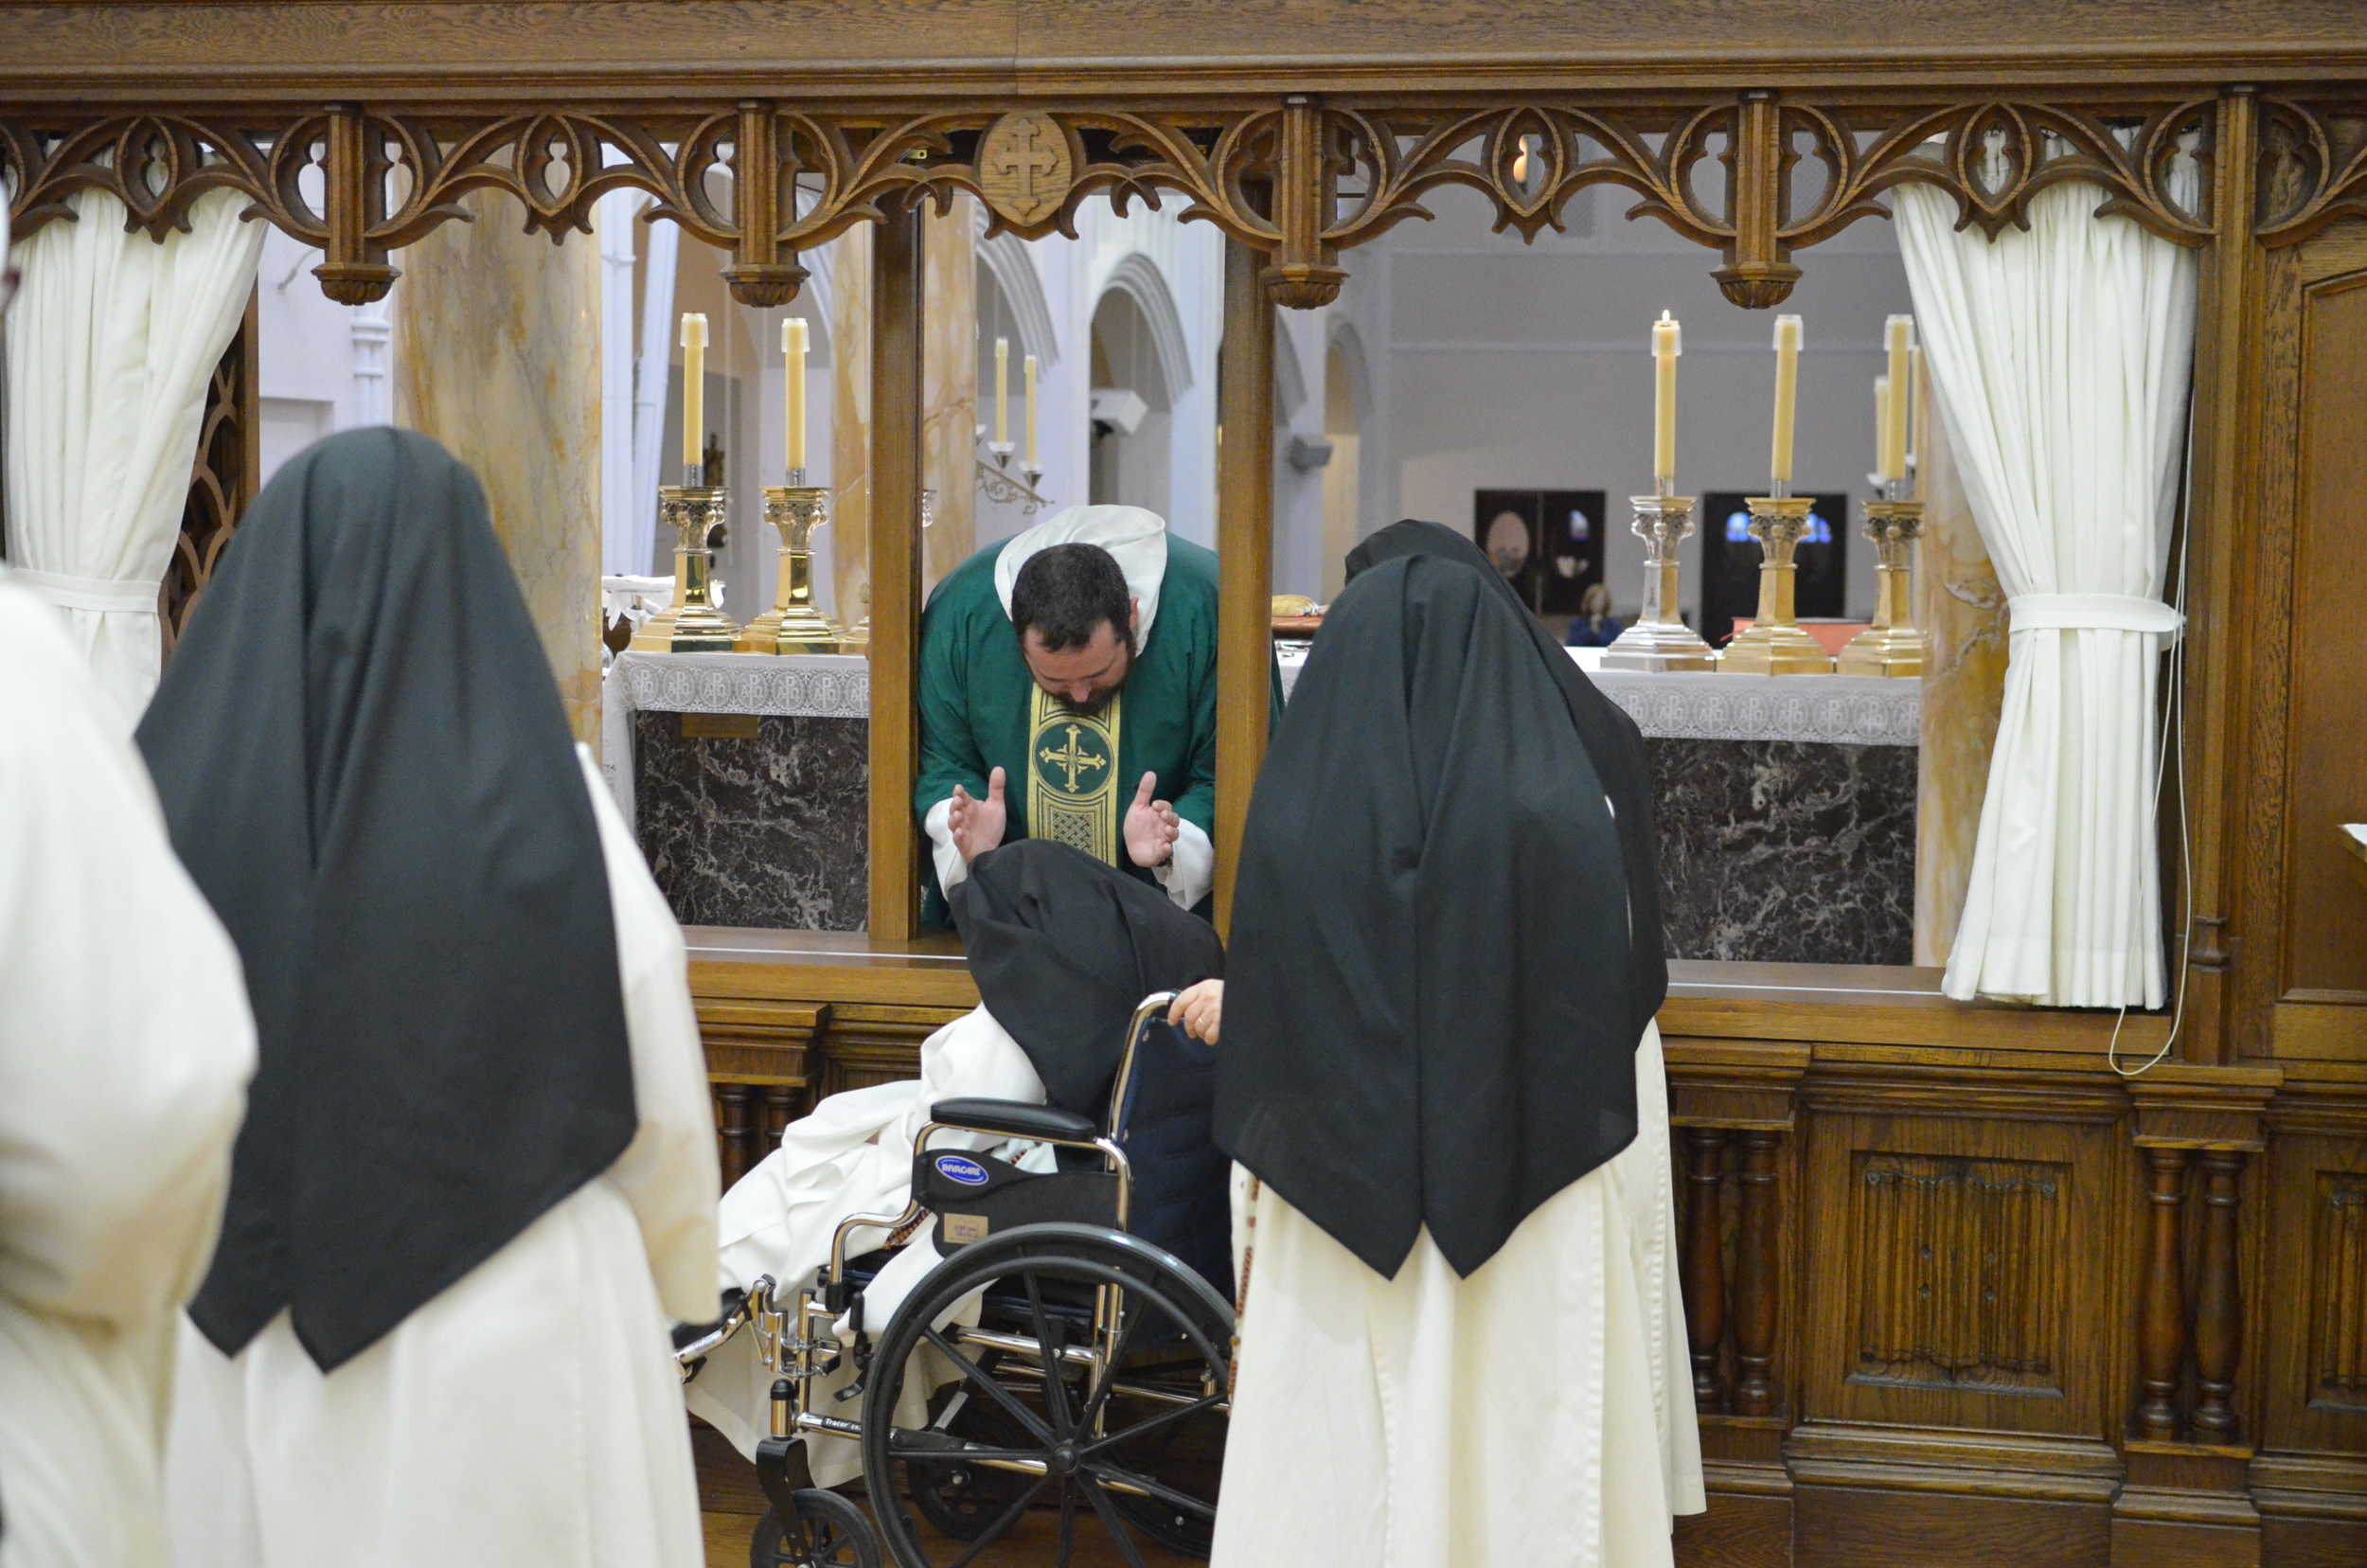 Fr. John blesses Sr. Mary Daniel, our eldest sister.